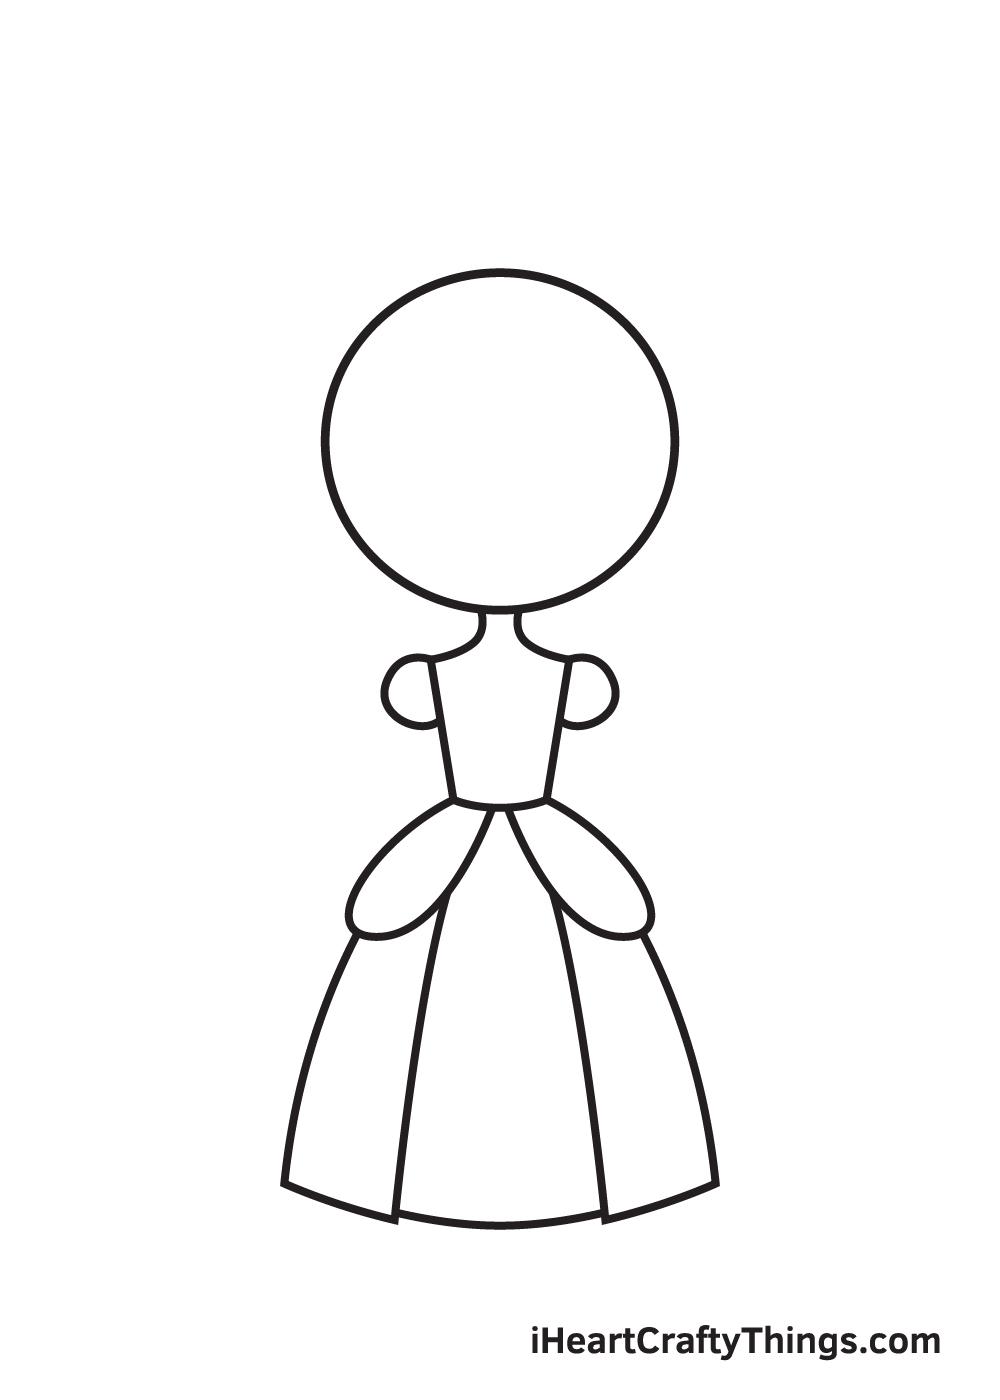 Vẽ công chúa - Bước 5